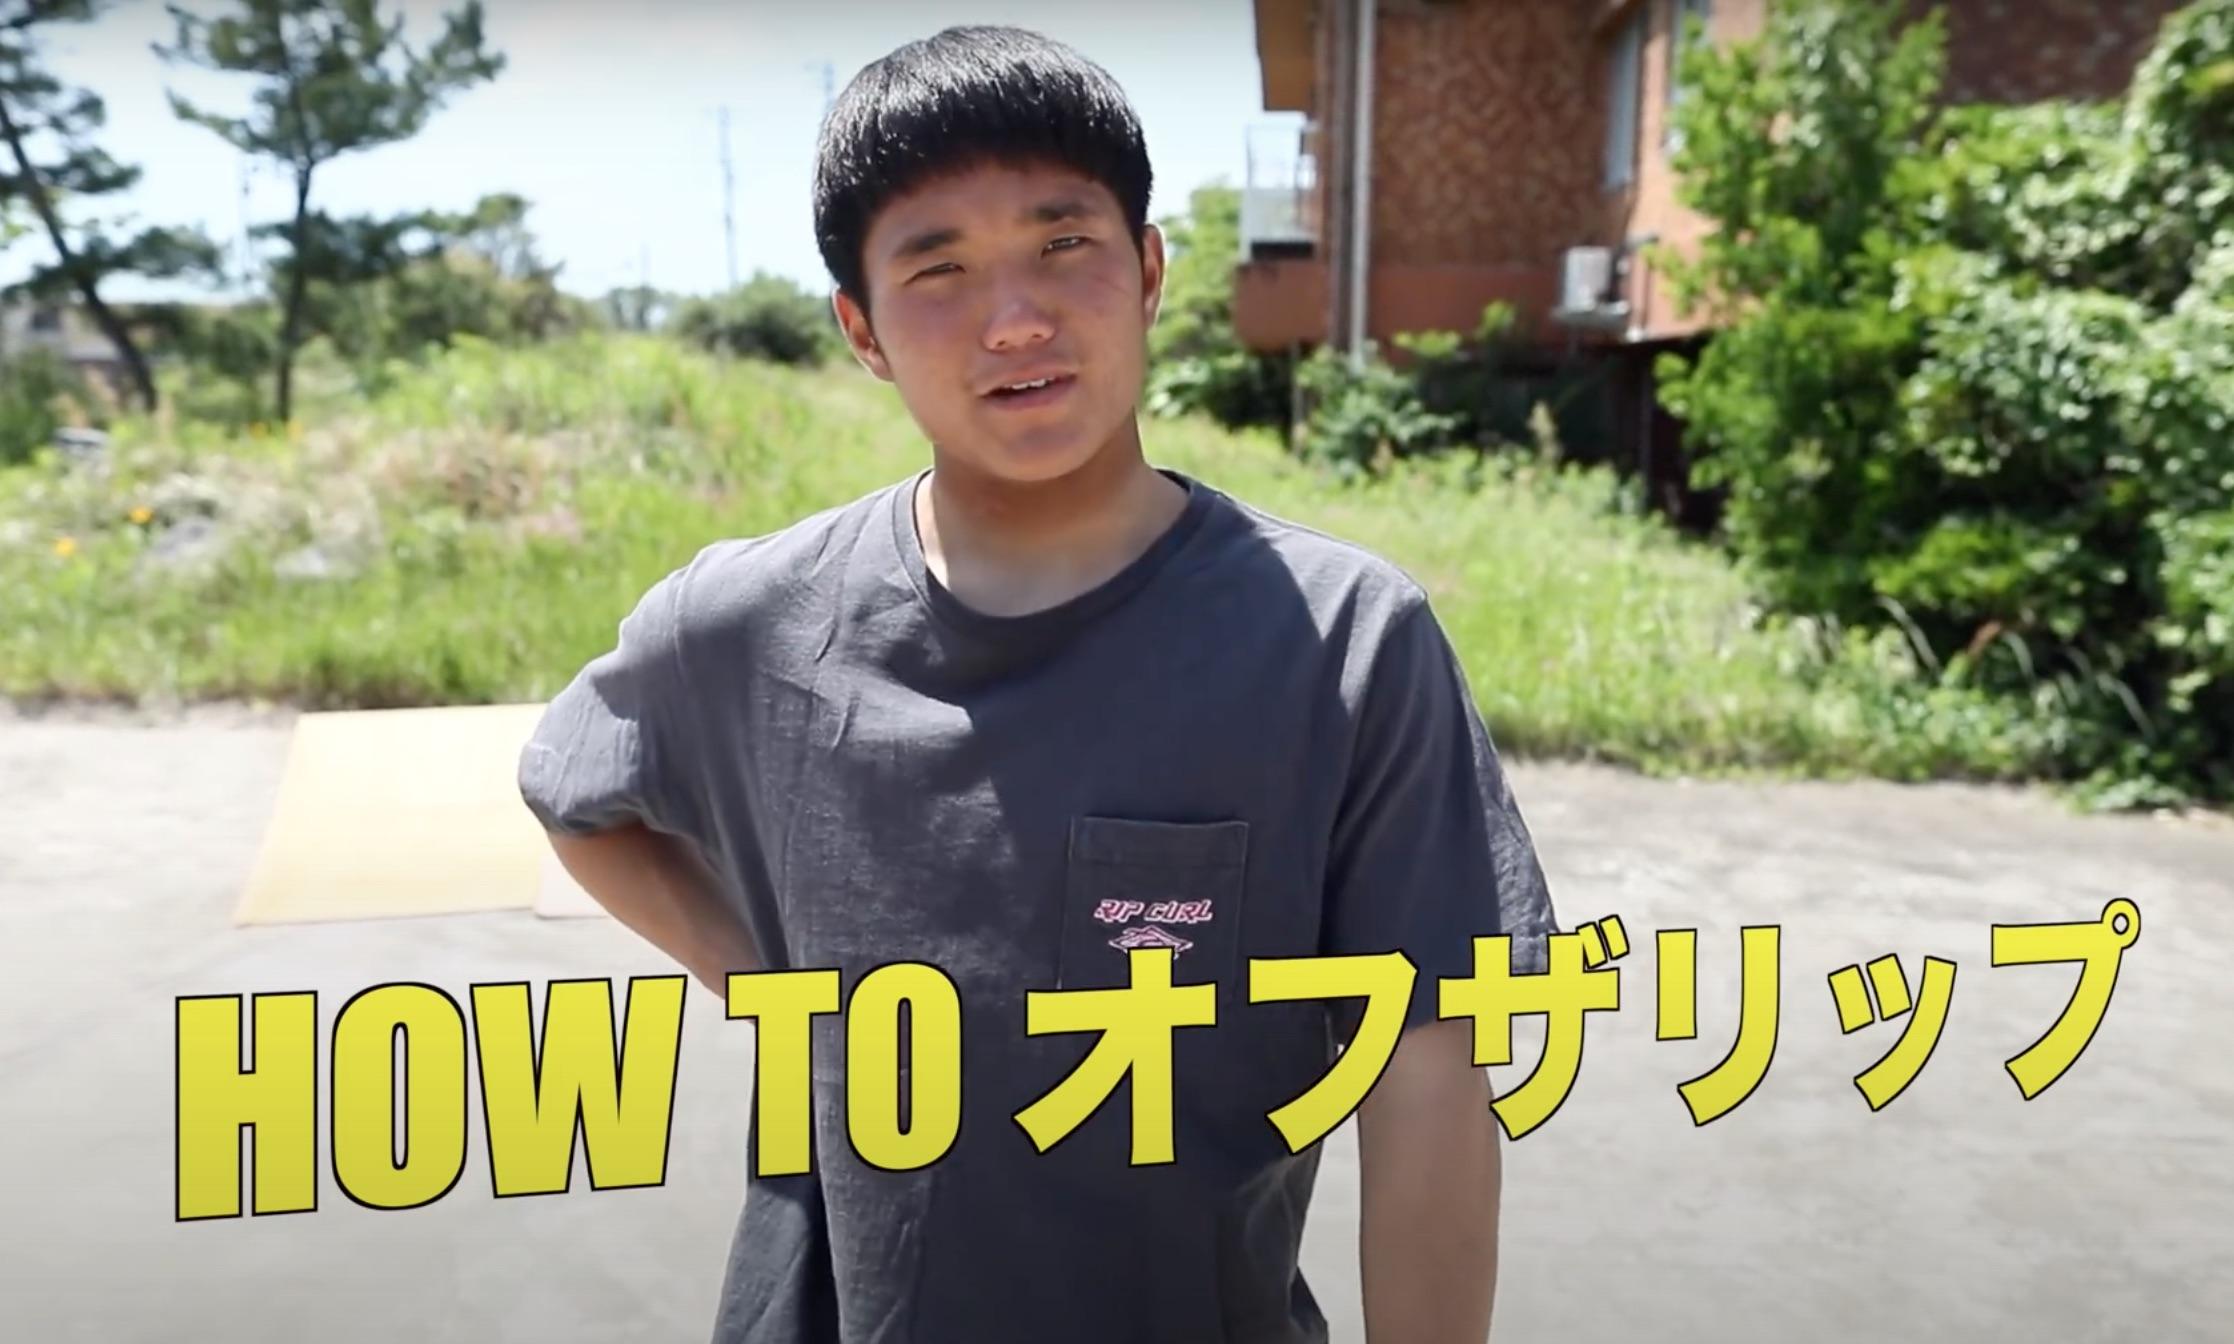 【How to】サーフコーチから教えてもらうスケートボードも使ったオフザリップの練習法を村田嵐が伝授!!